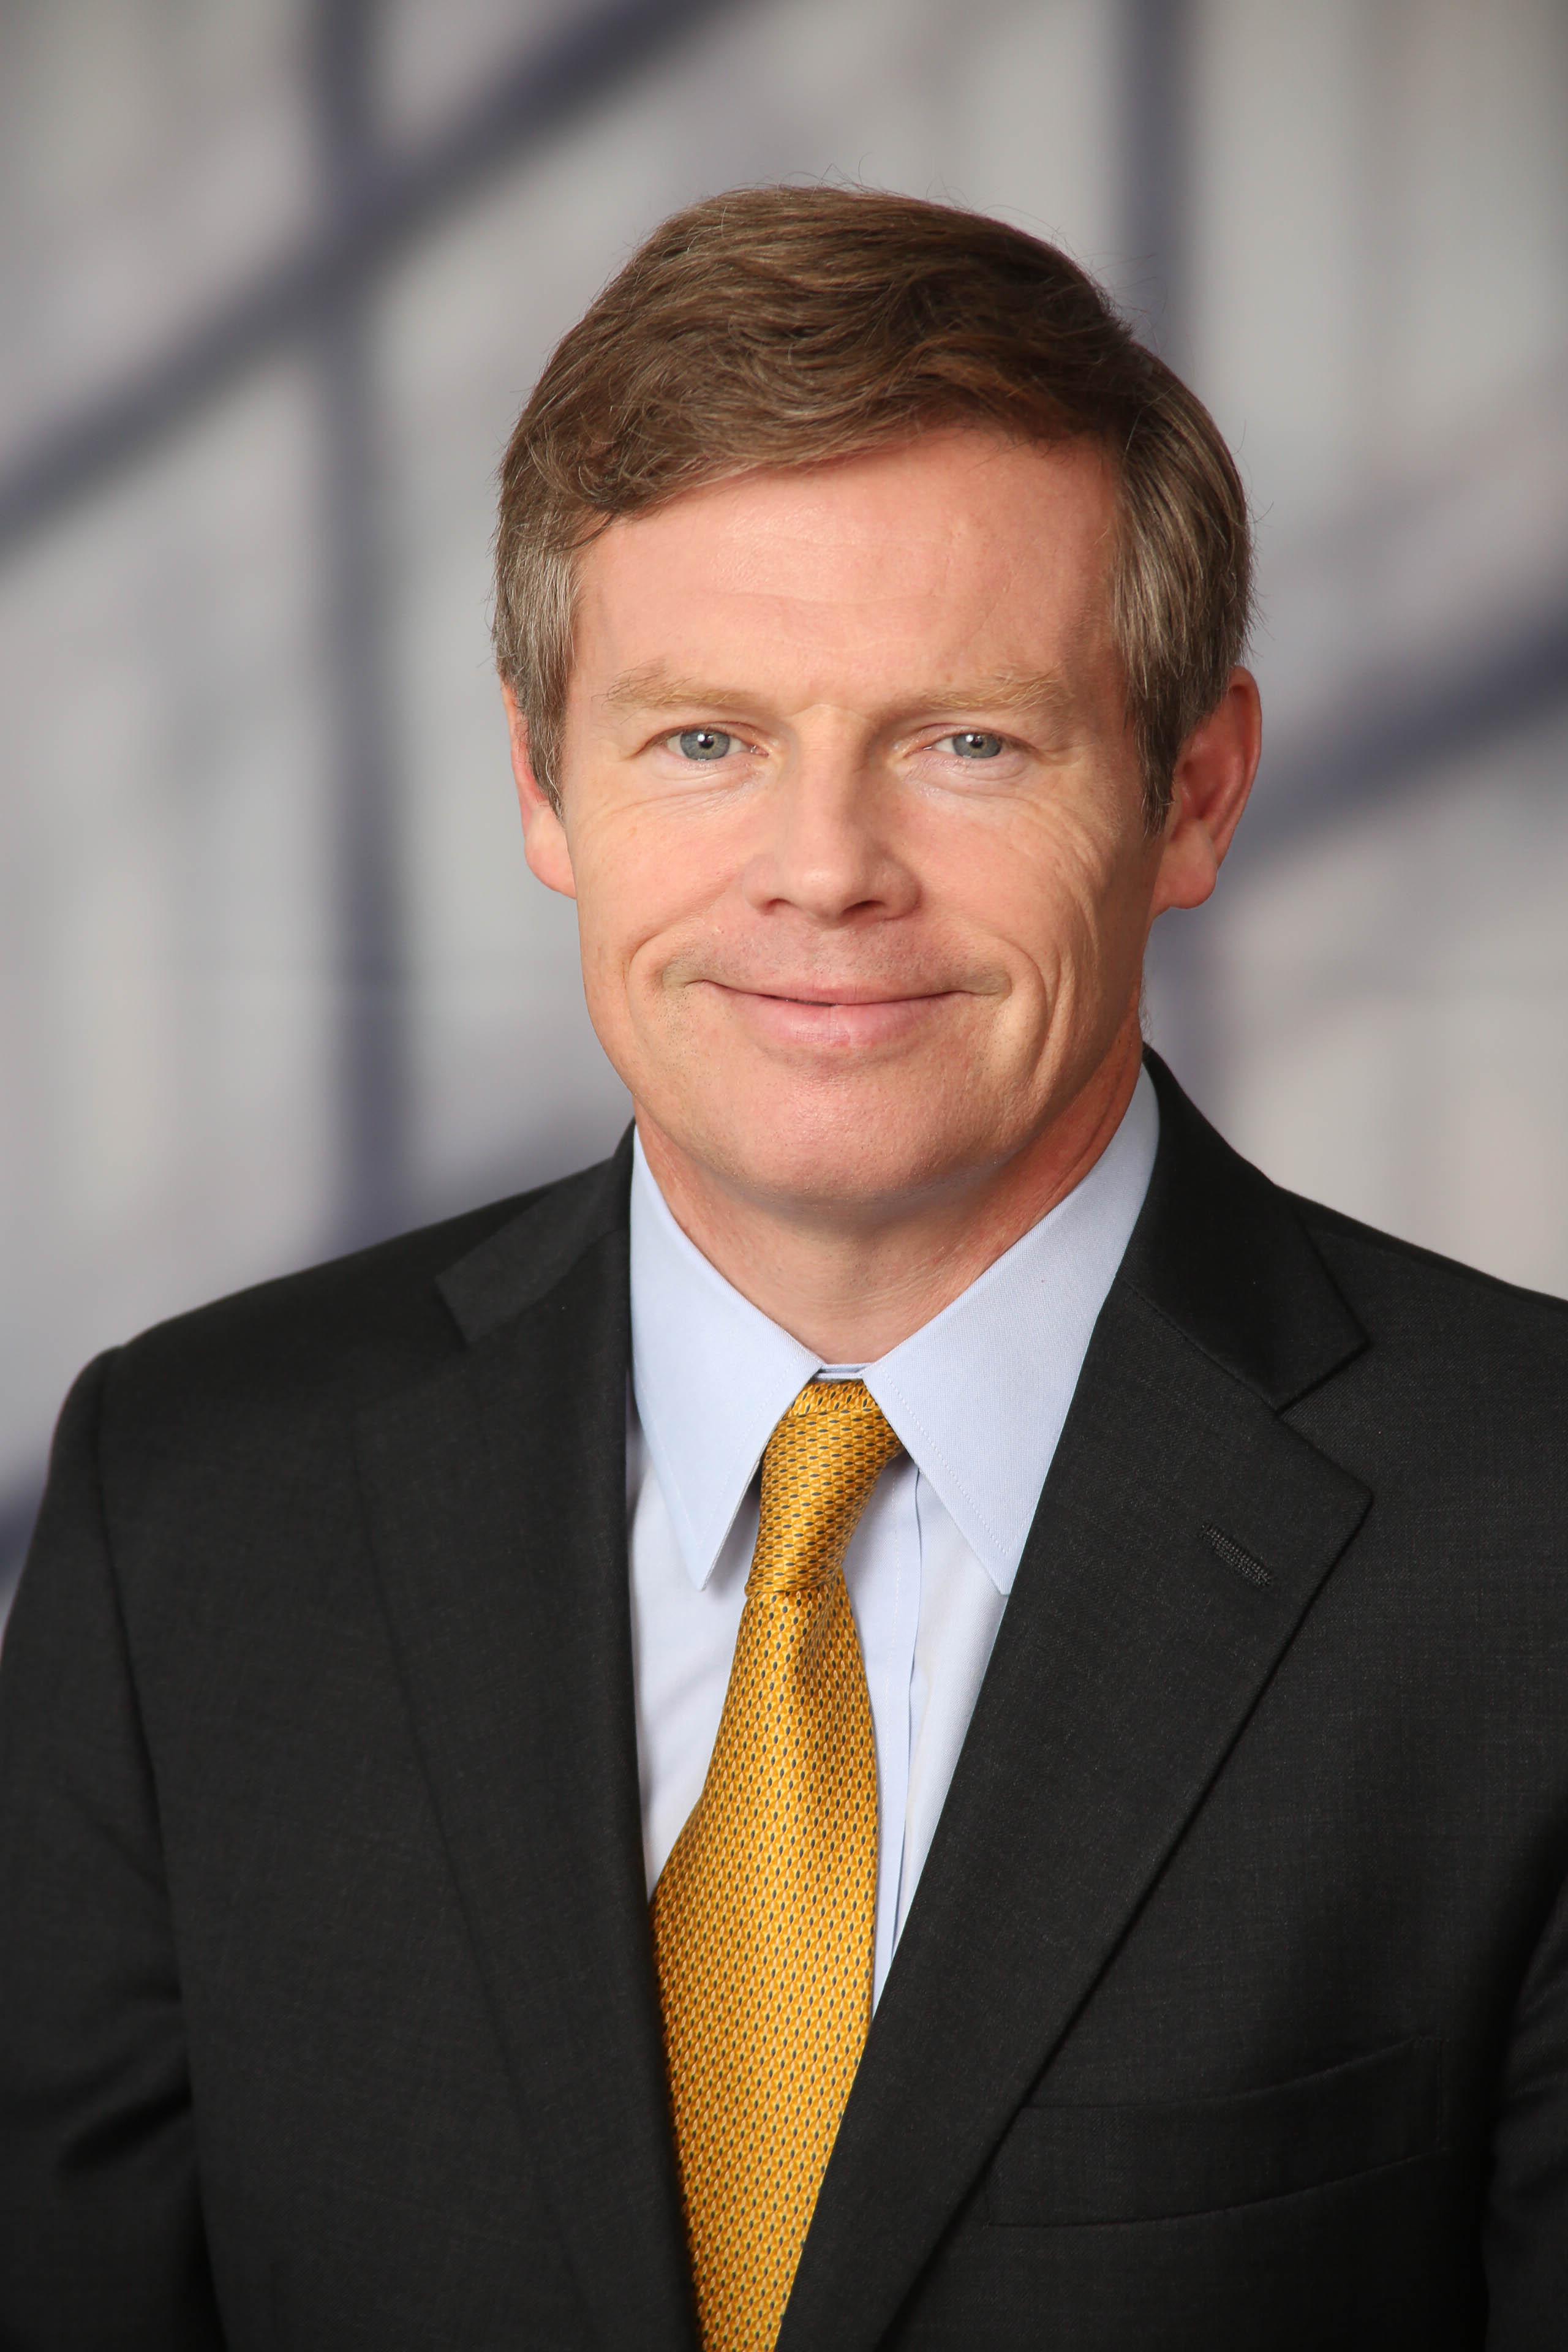 Asa Kelly Attorney In Utah - Dr david kelly b a cfa m a